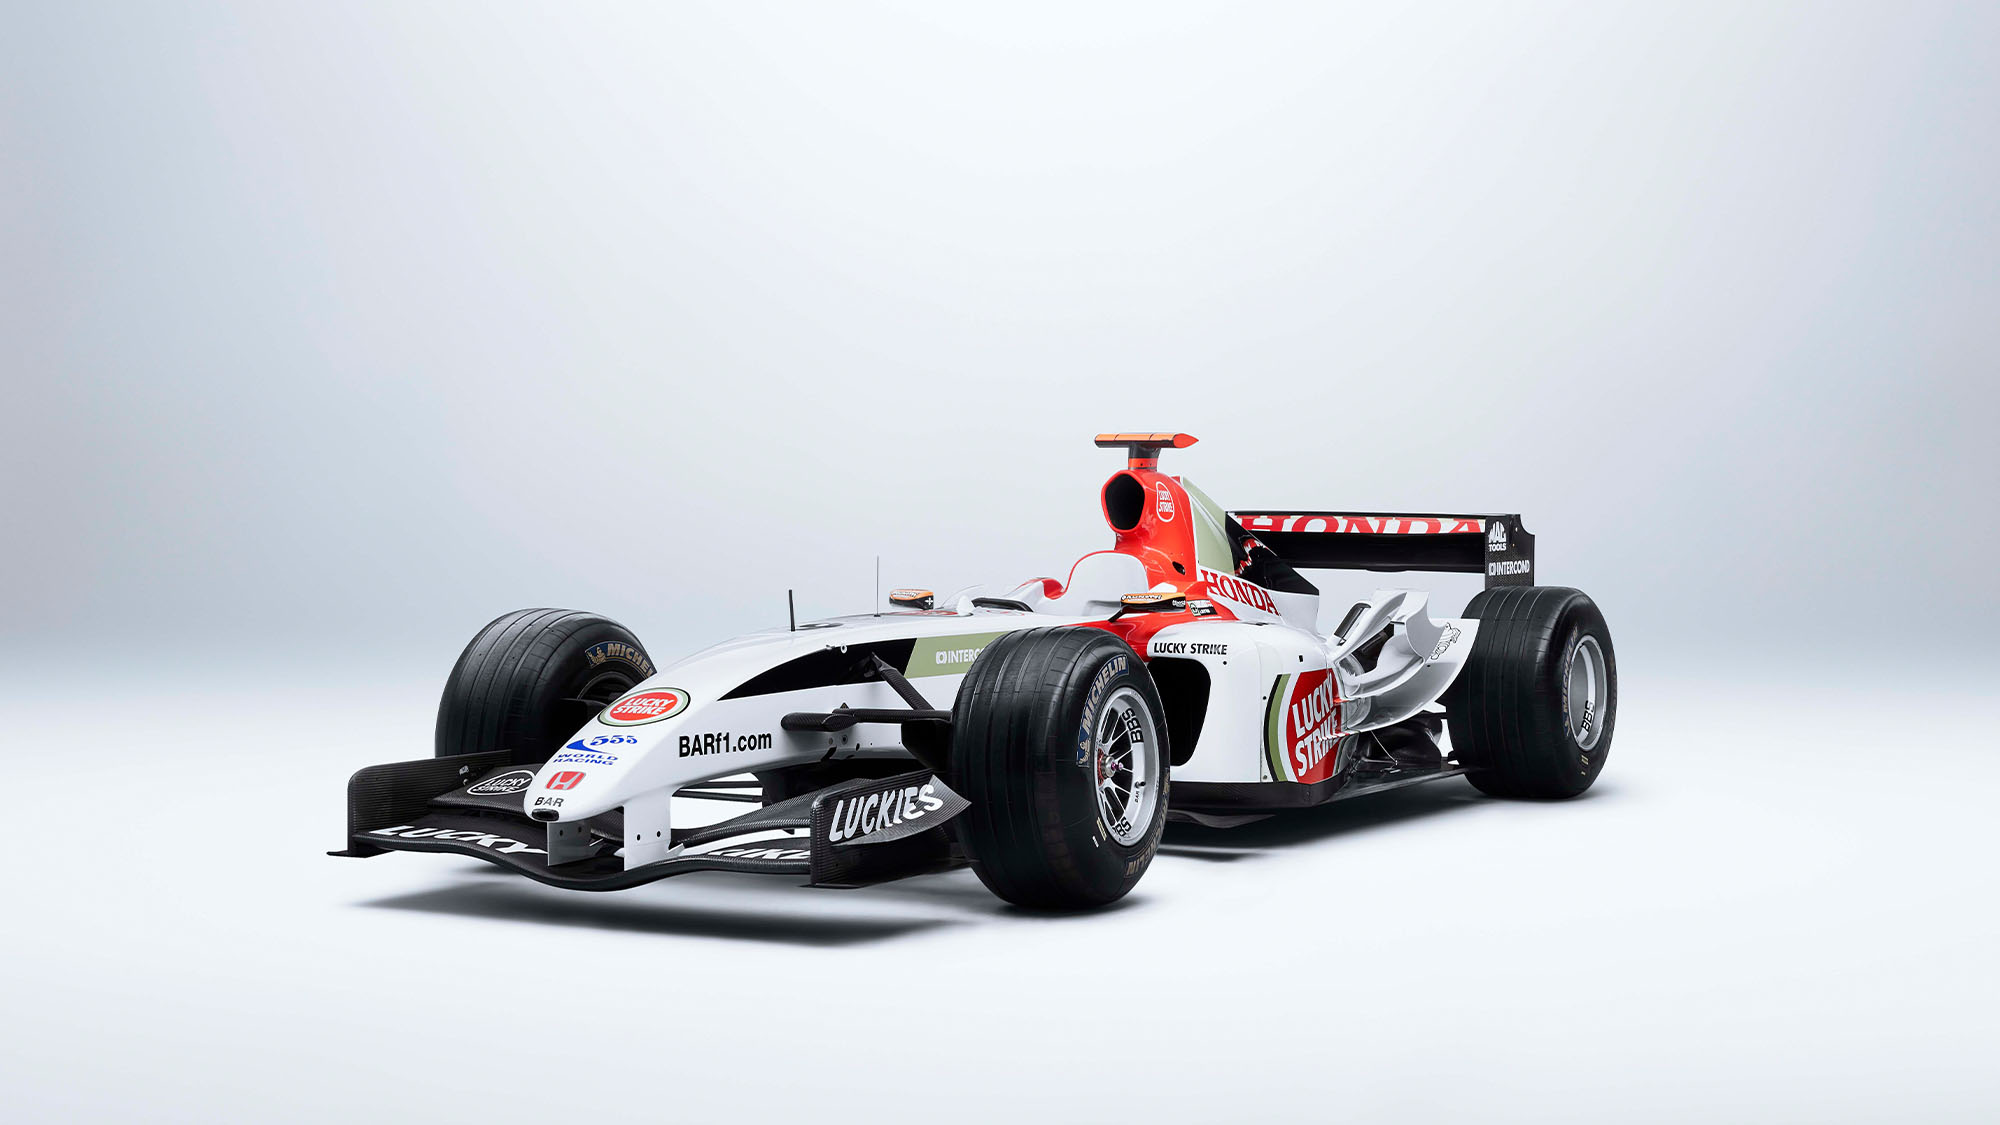 BAR 004 Jenson Button 2004